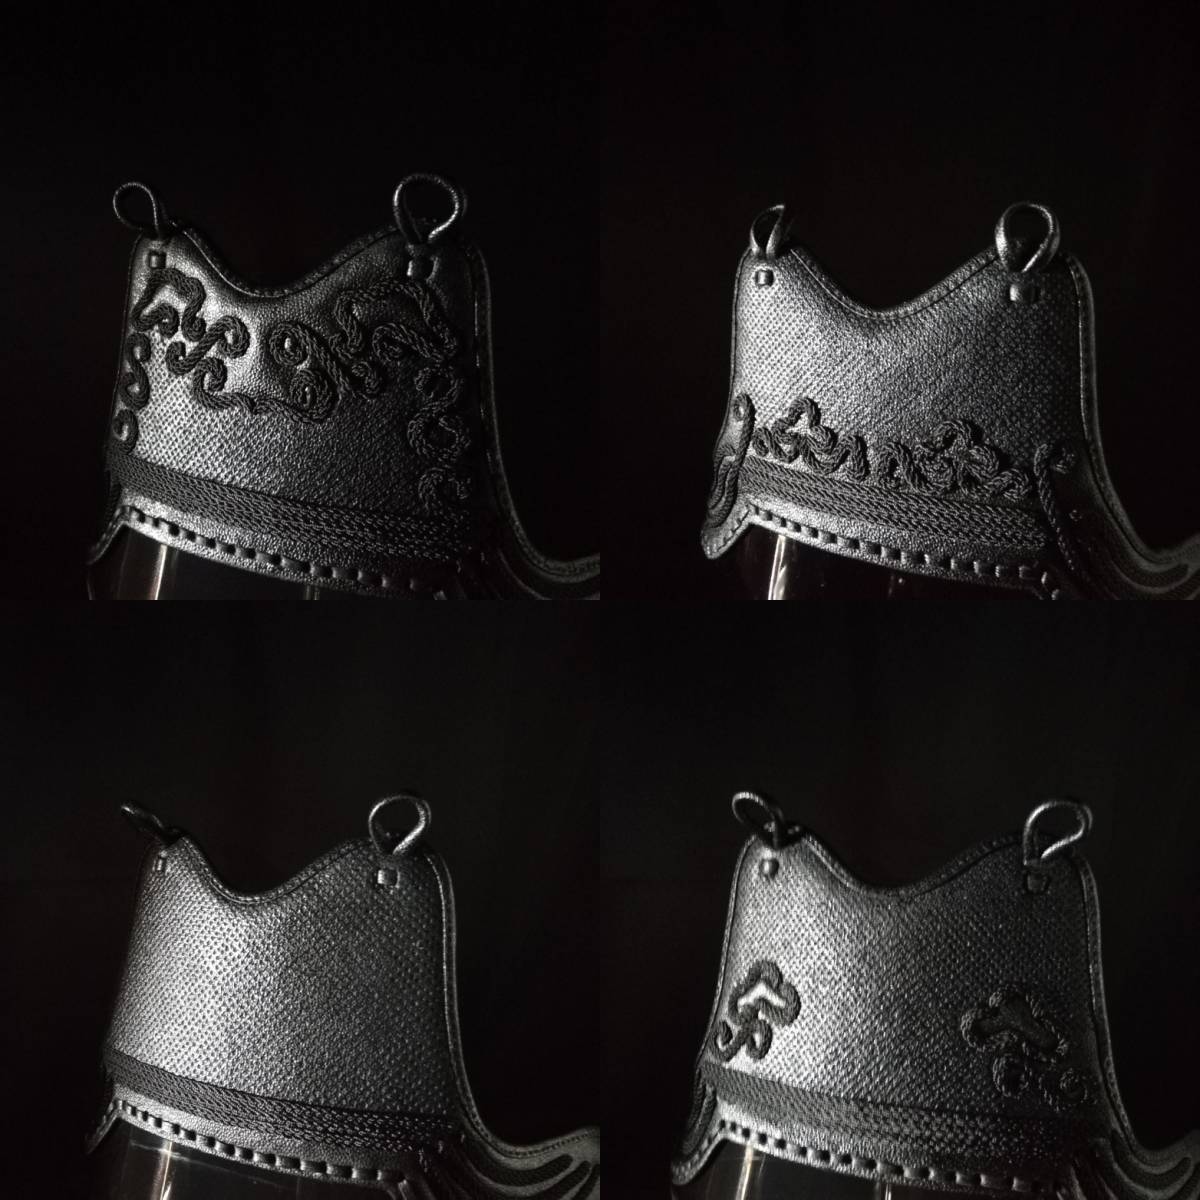 月産限定10セット オーダーメイド織刺2.5分手刺セット 選べる内輪素材 布団の長さ幅もお好みで 子供用可 _胴胸はお好みの模様で製作致します